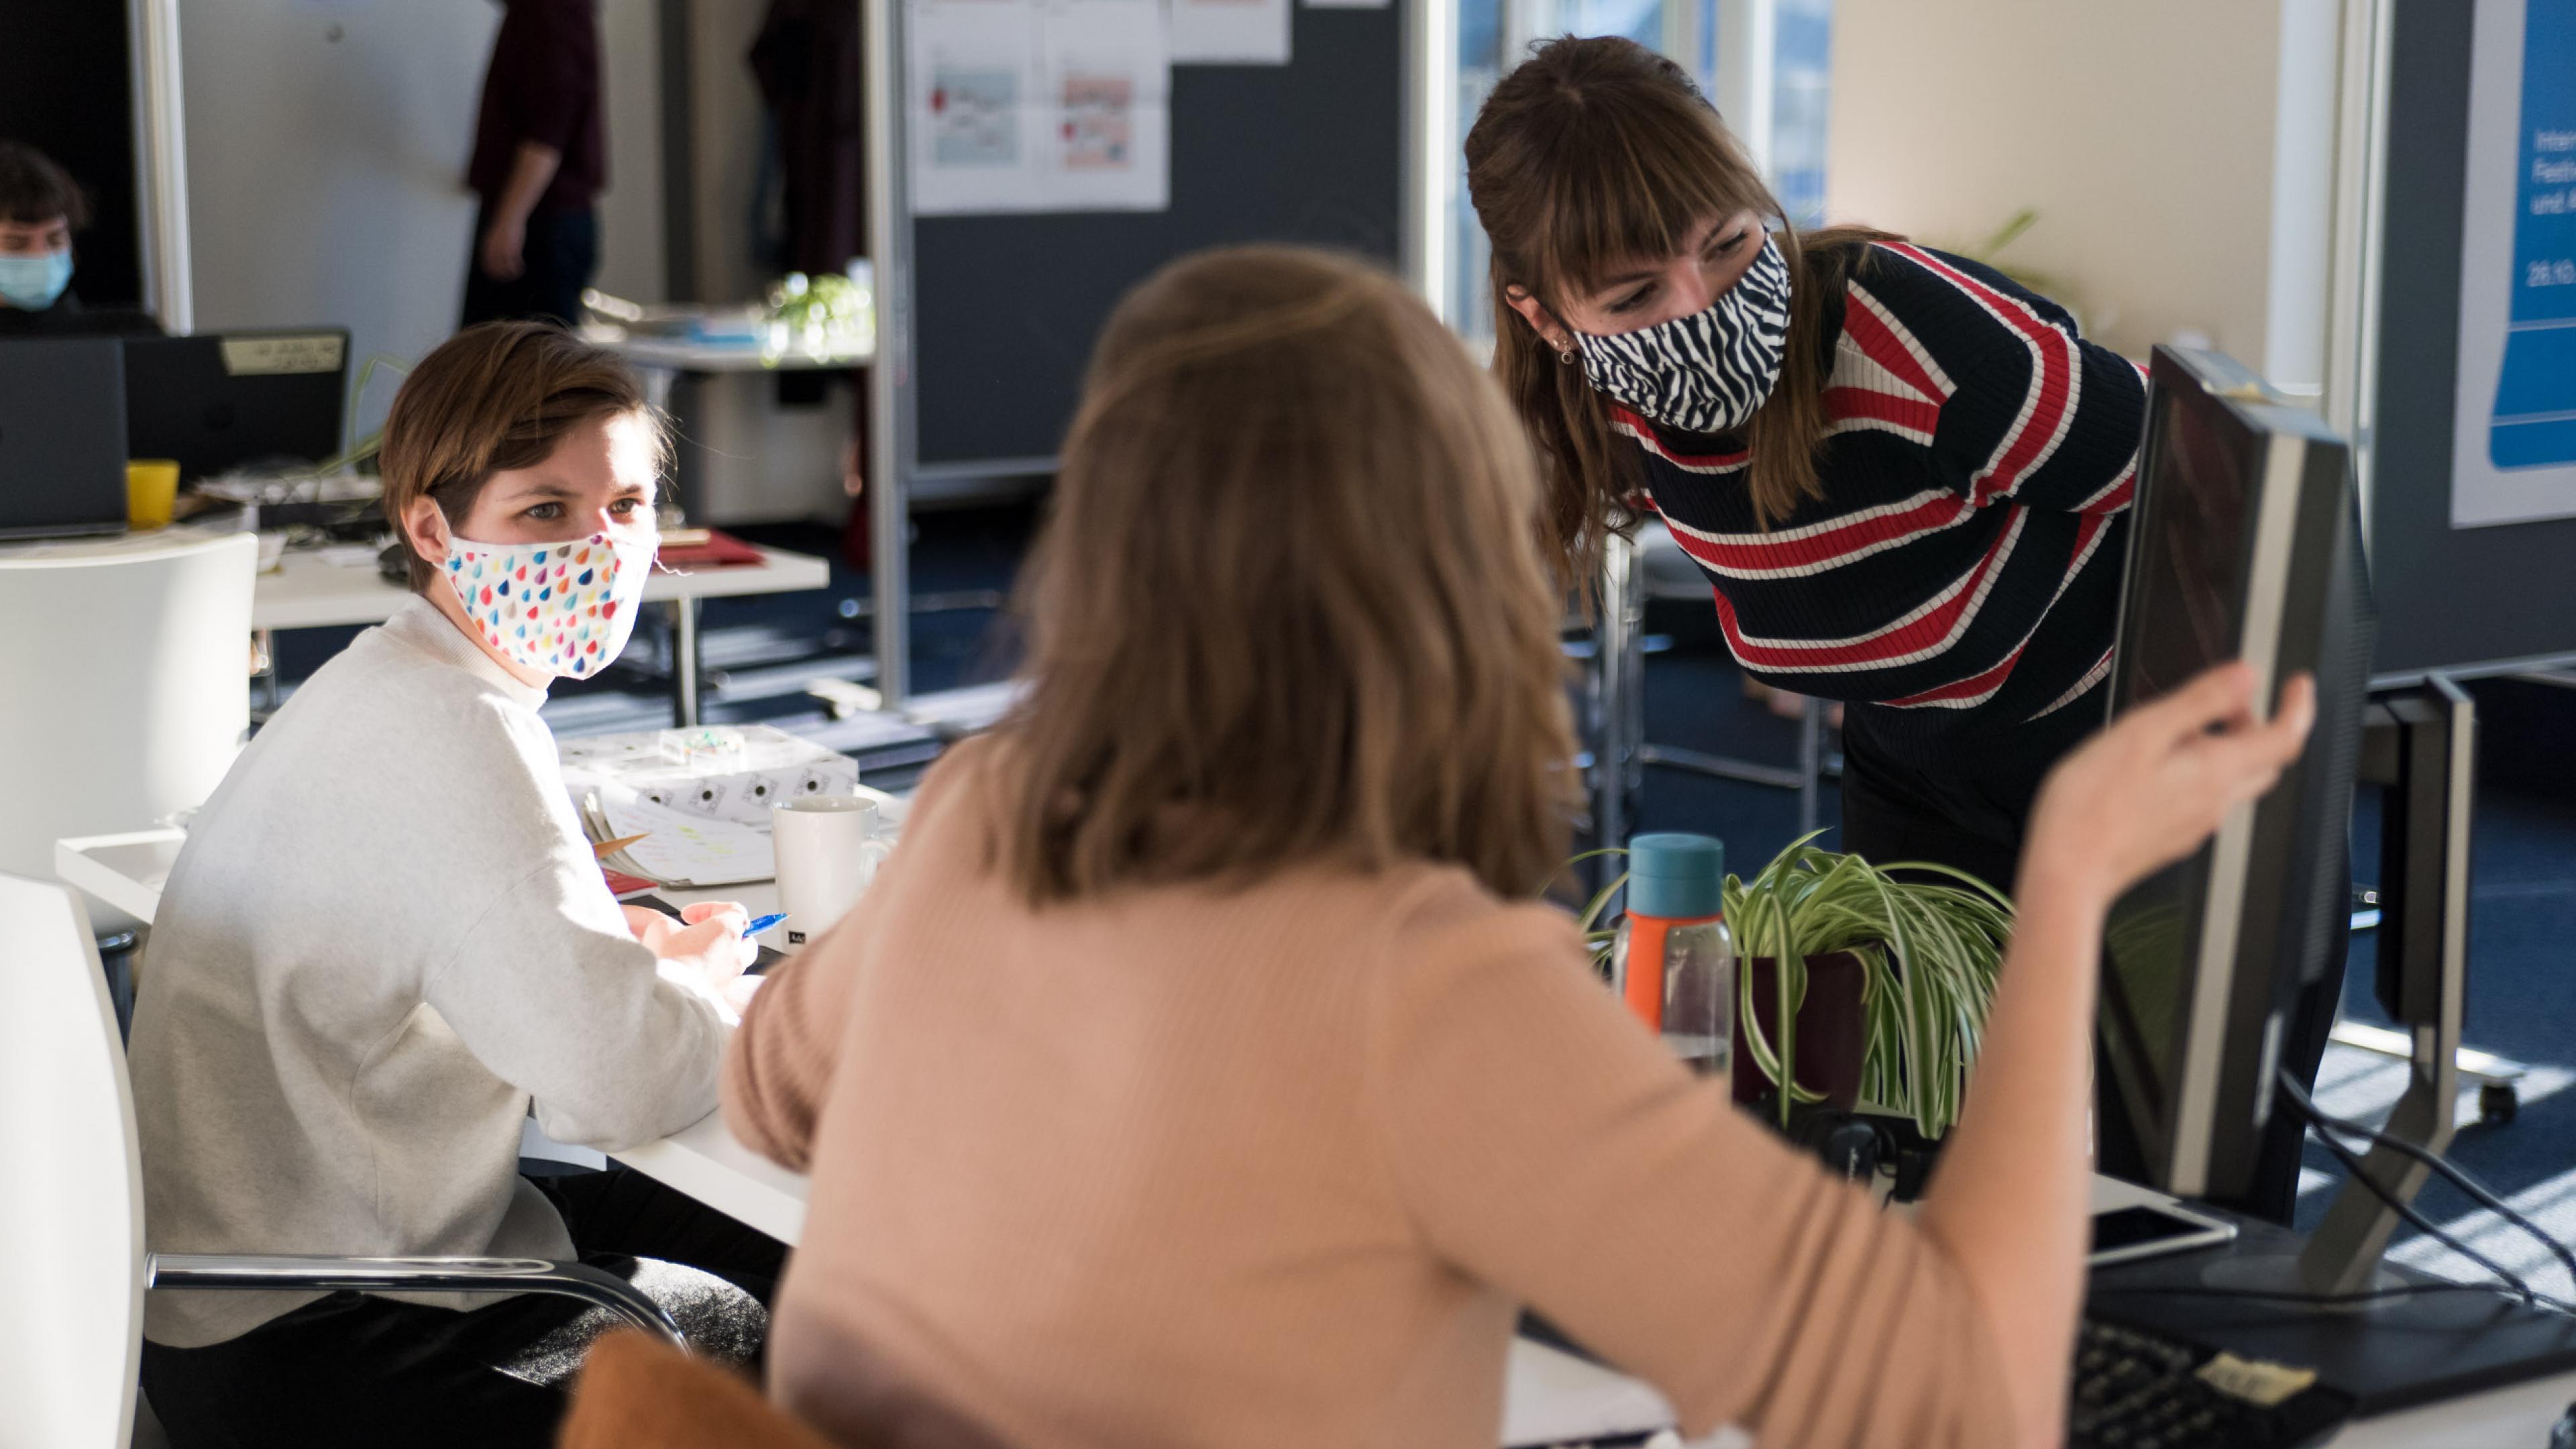 Drei weibliche Personen beugen sich über einen Computerbildschirm und gestikulieren dabei.